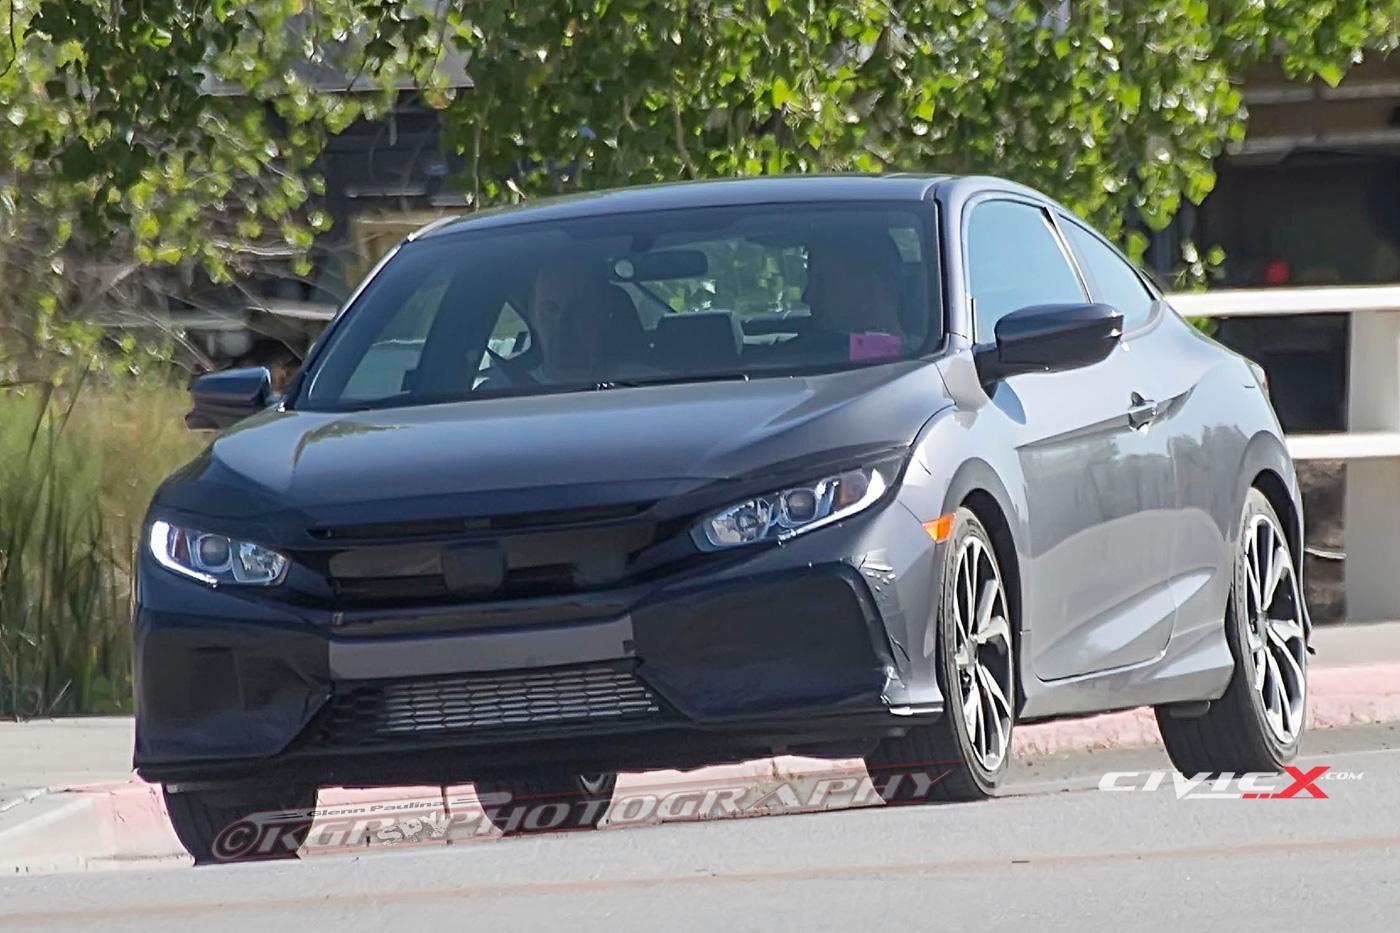 2017 Honda Civic Si Price Interior Exterior Engine Design